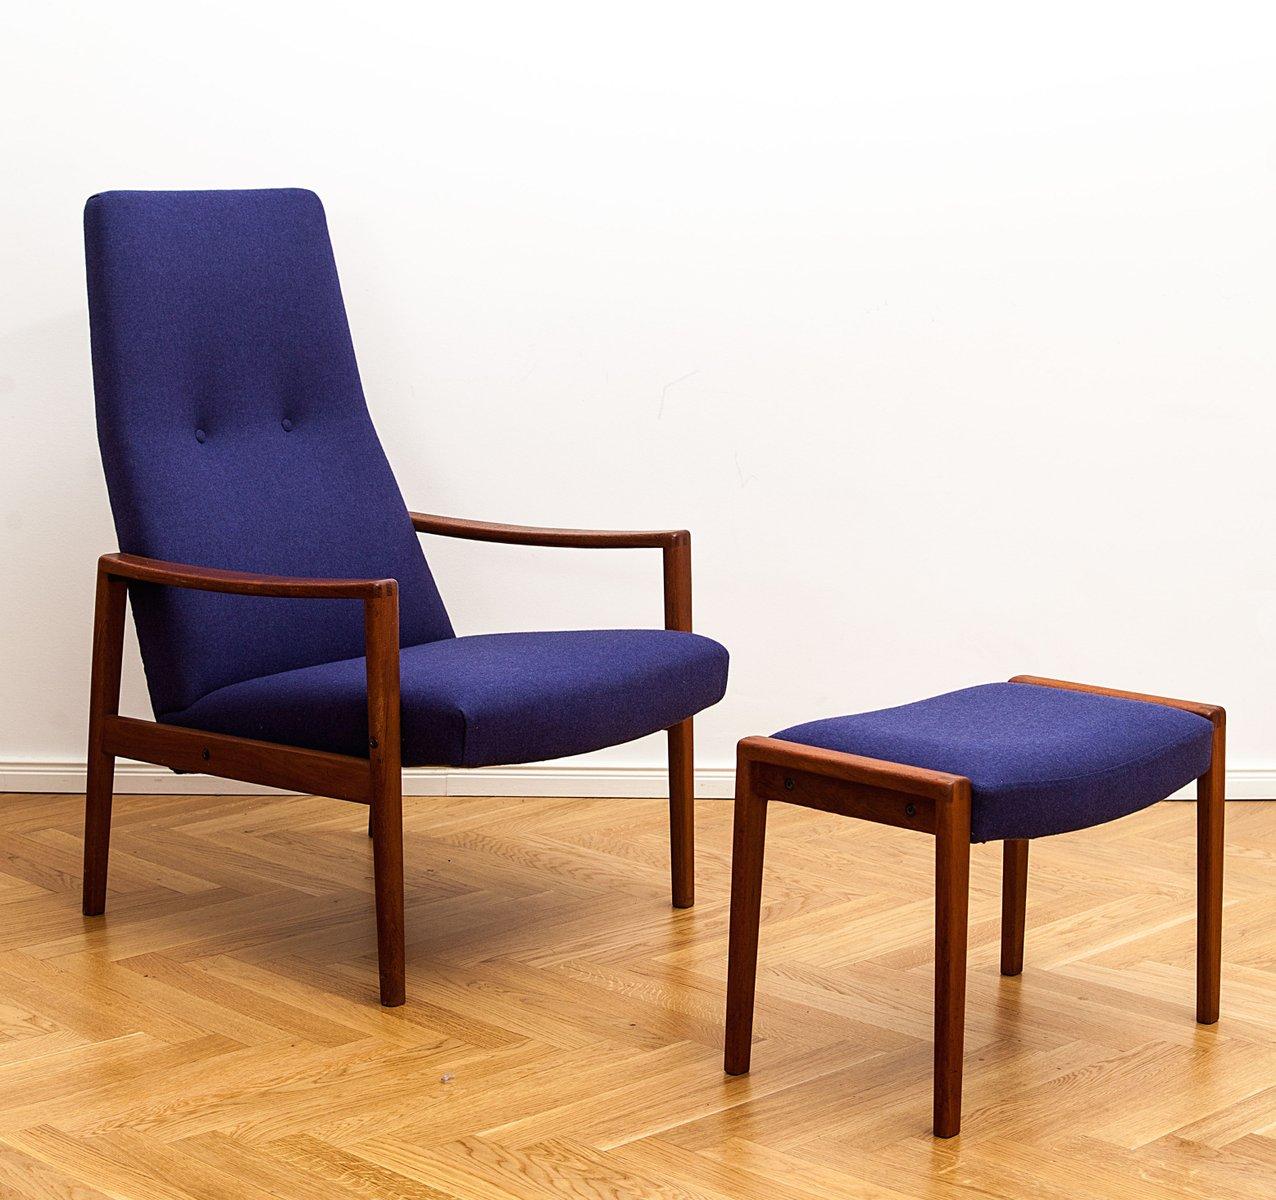 d nischer teak sessel ottomane von illum wikkels 1960er bei pamono kaufen. Black Bedroom Furniture Sets. Home Design Ideas